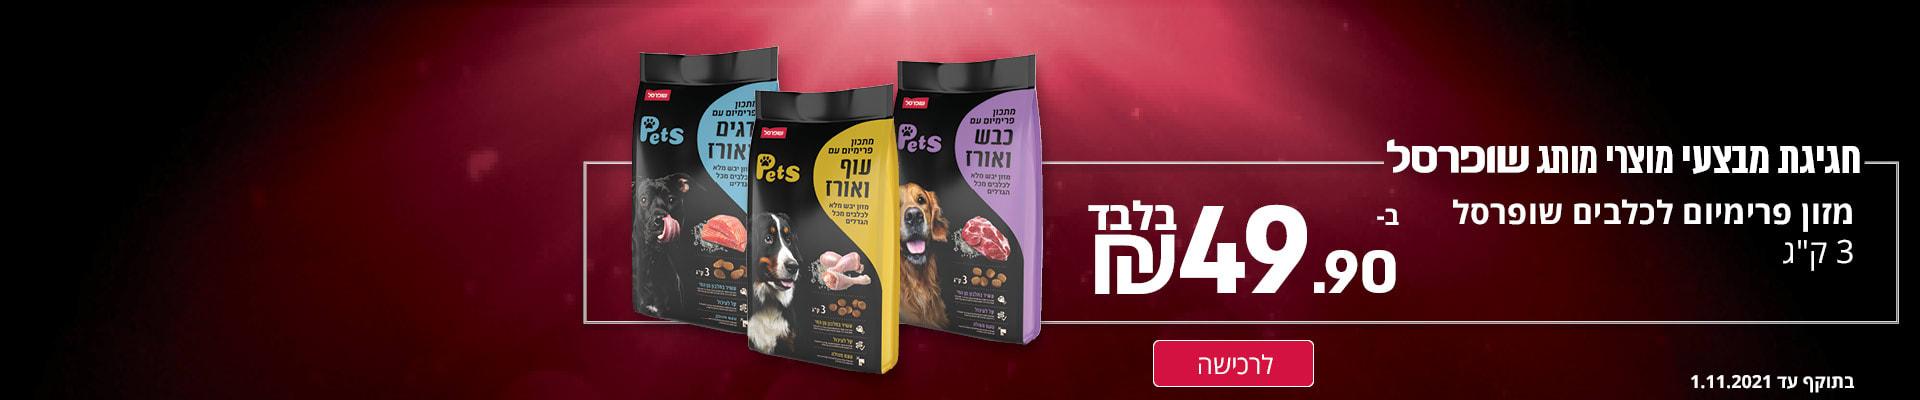 """חגיגת מבצעי מוצרי מותג שופרסל: מזון פרימיום לכלבים שופרסל 3 ק""""ג ב-49.90 ₪. בתוקף עד 1.11.2021"""